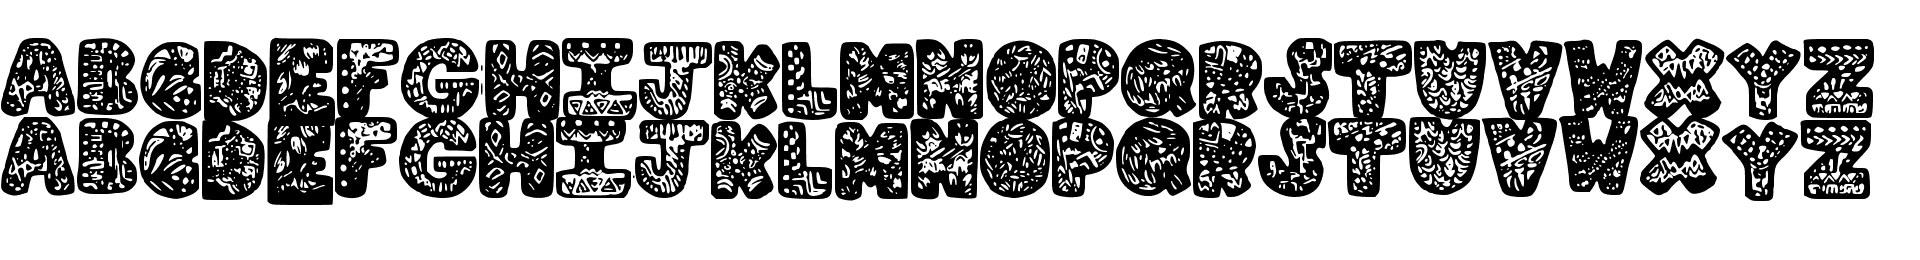 LetterGraphic